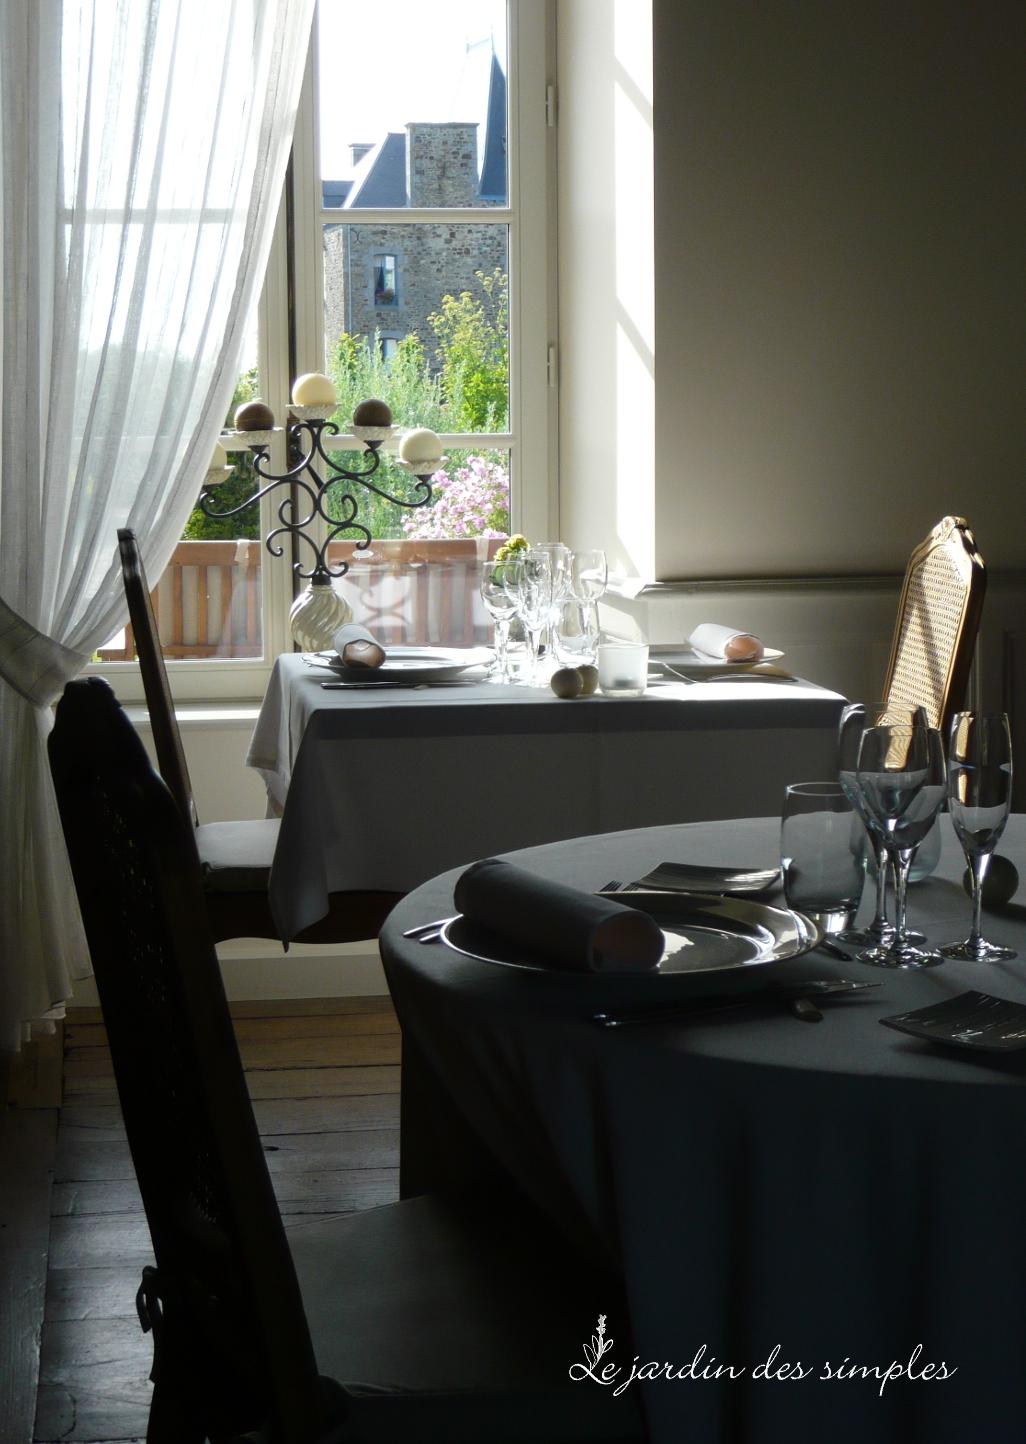 Table raffin e en baie du mont saint michel pr s de saint malo for La table du jardin